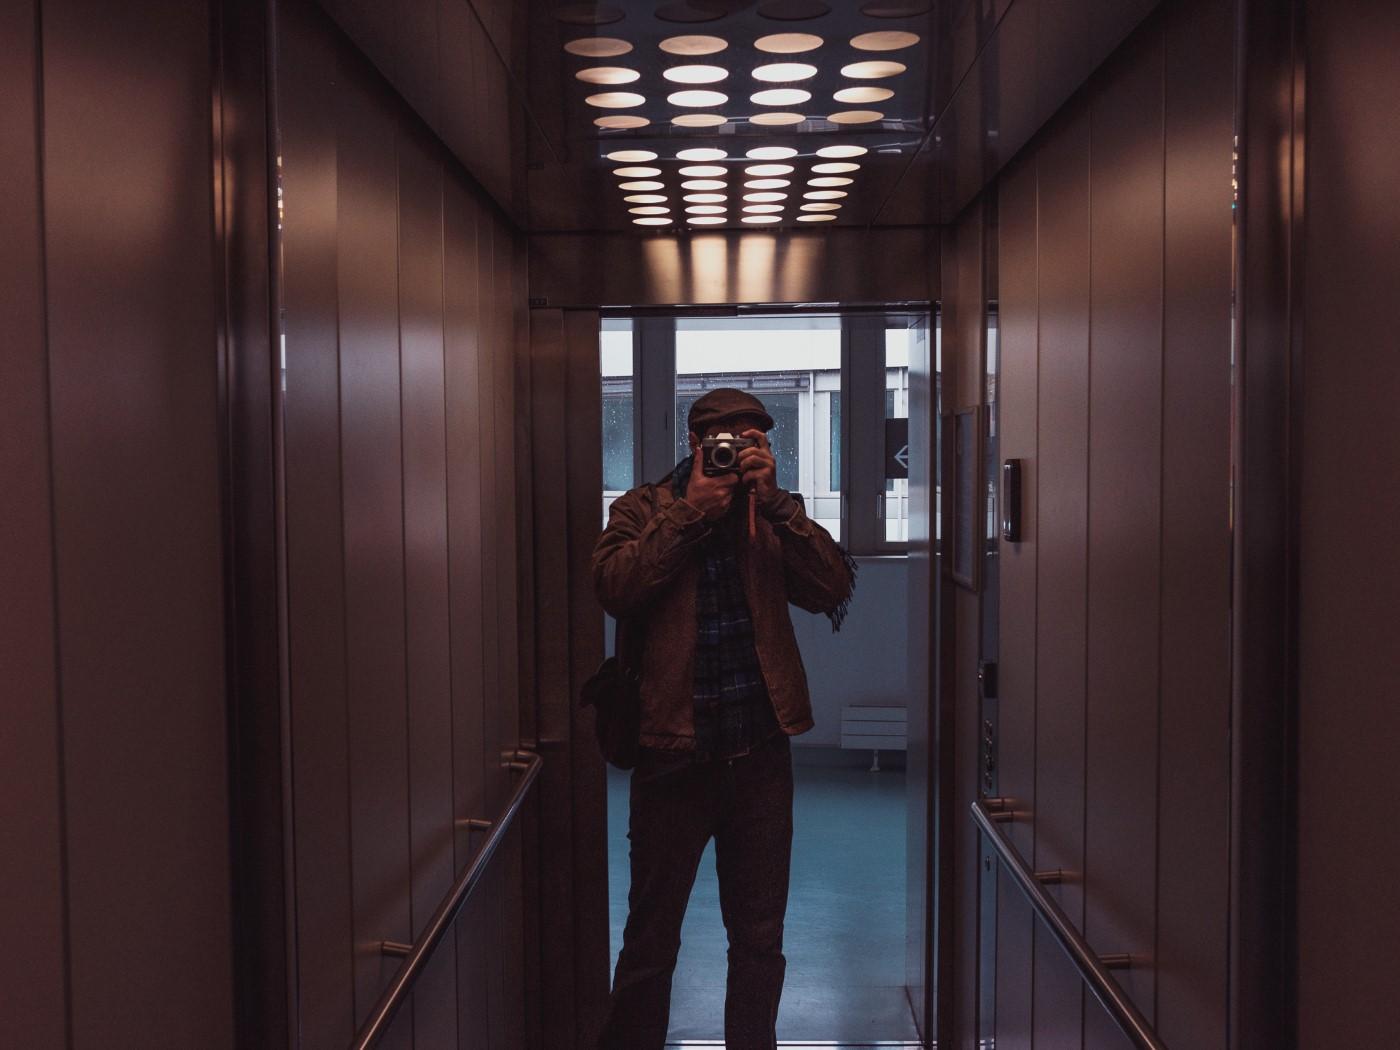 Auto-retrato de elevador